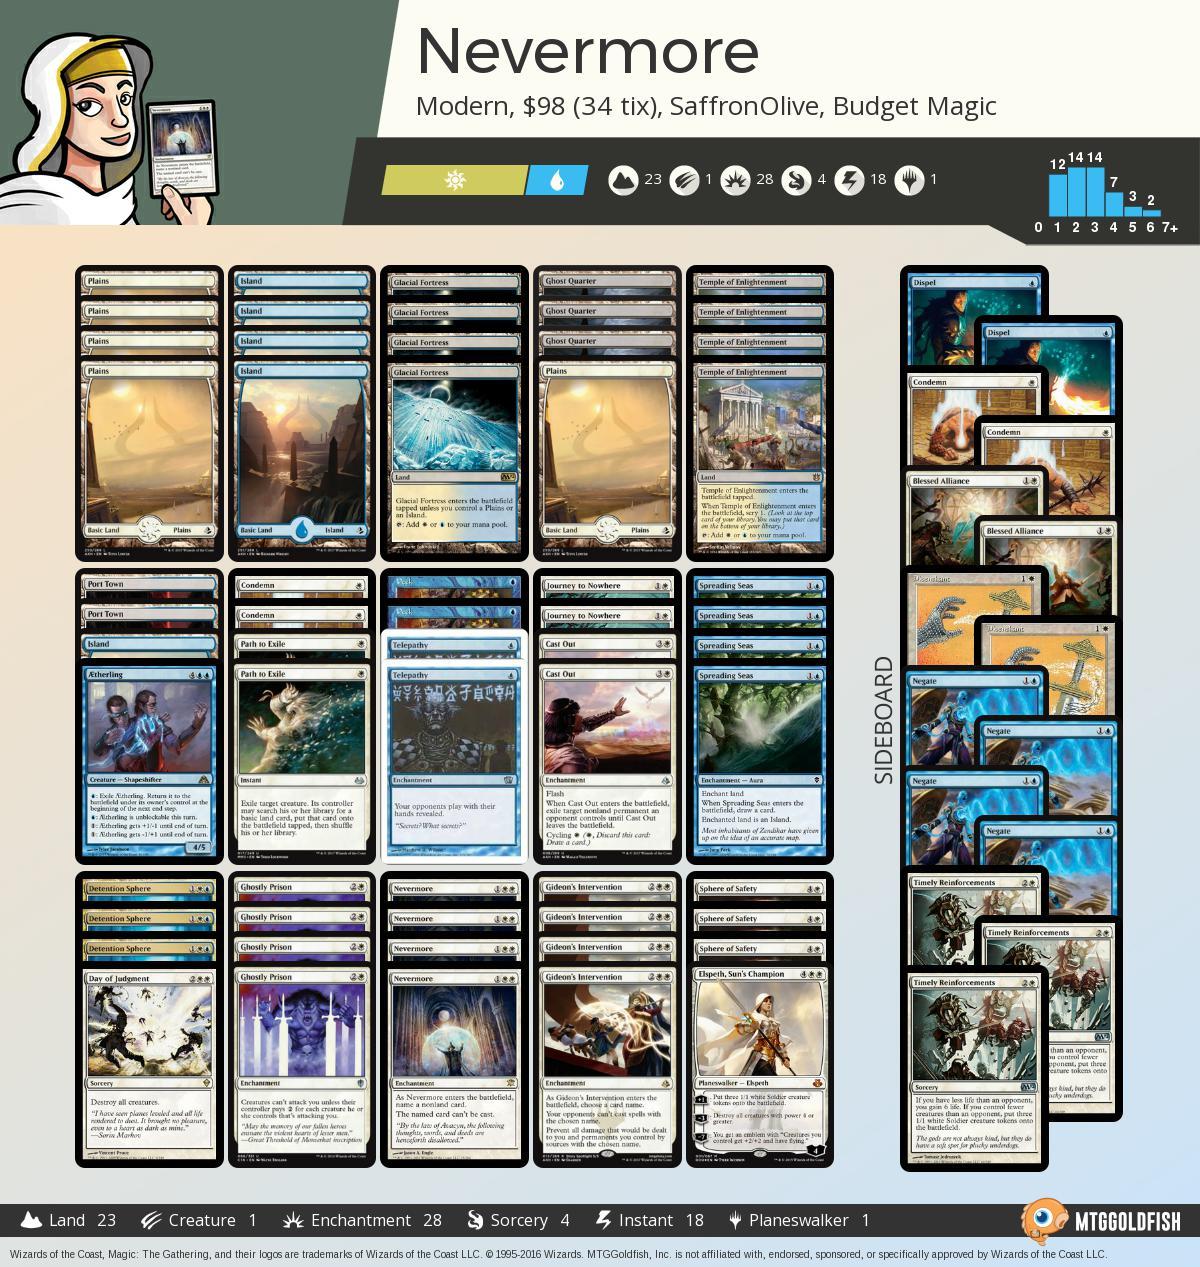 Nevermore 39e47b4a 8683 43a7 b2b3 3cb91392129a%2ejpg